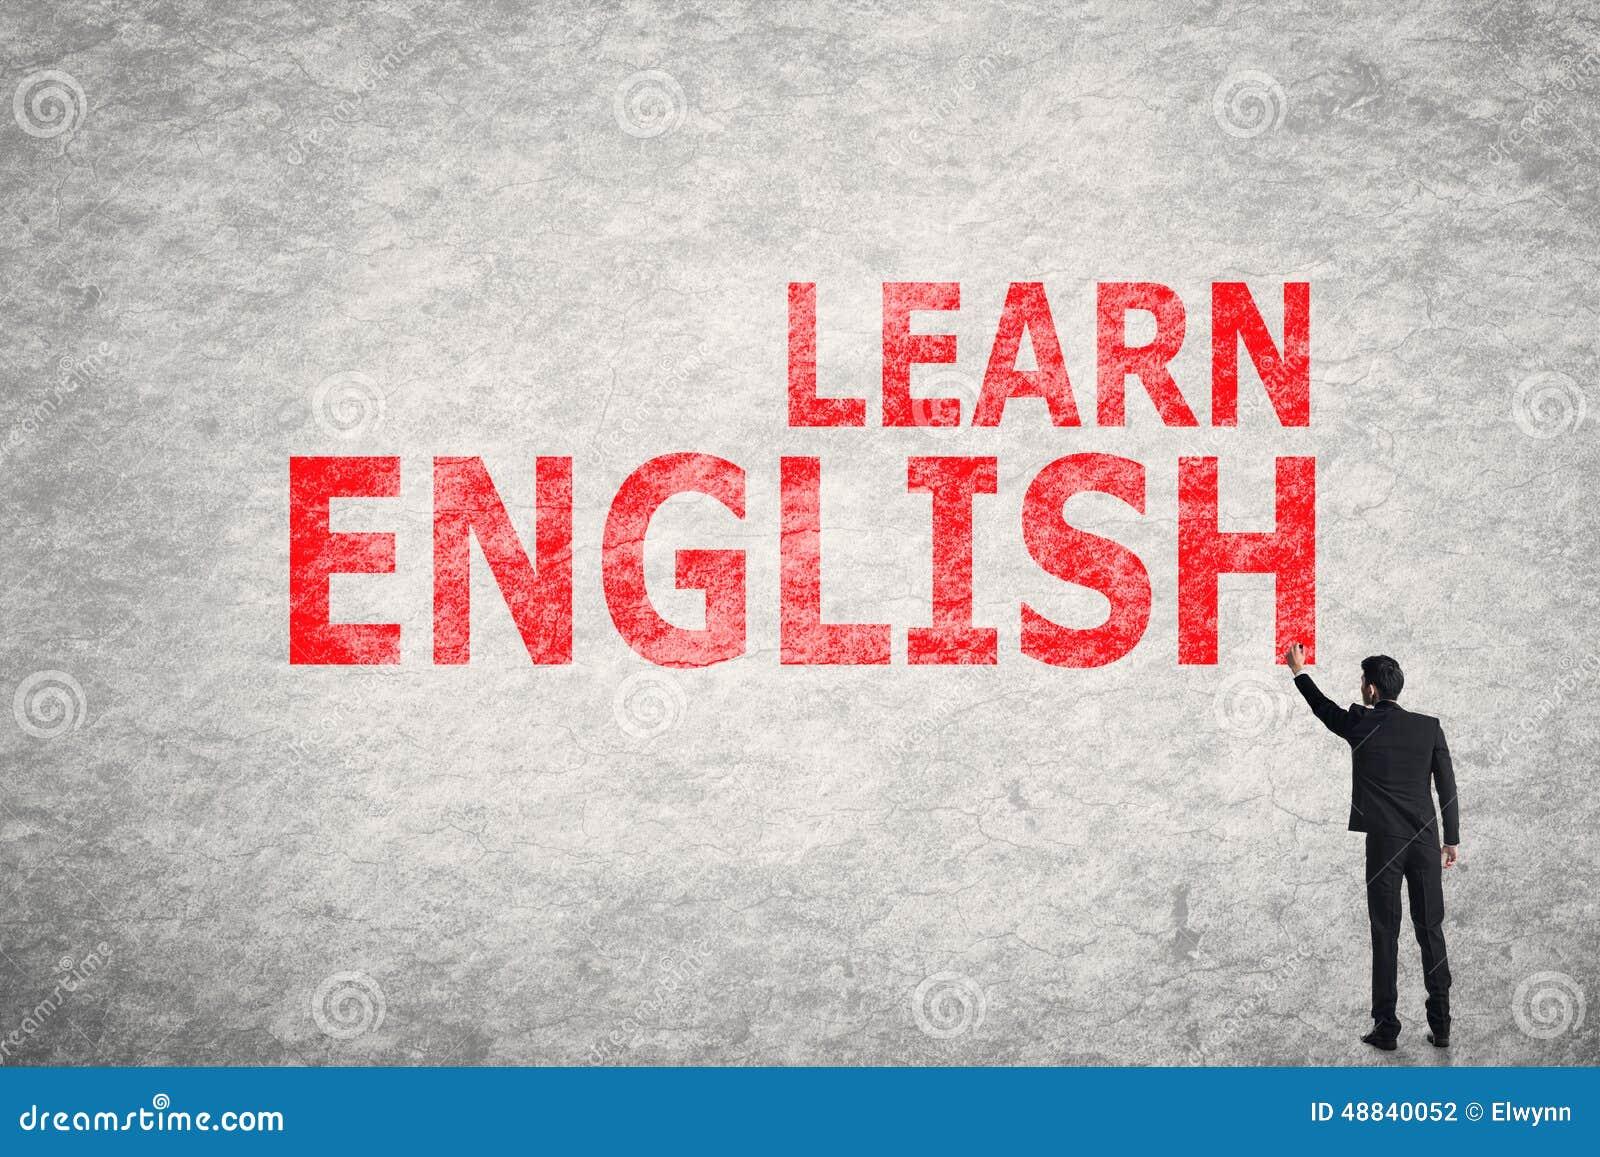 Geschäft Auf Englisch